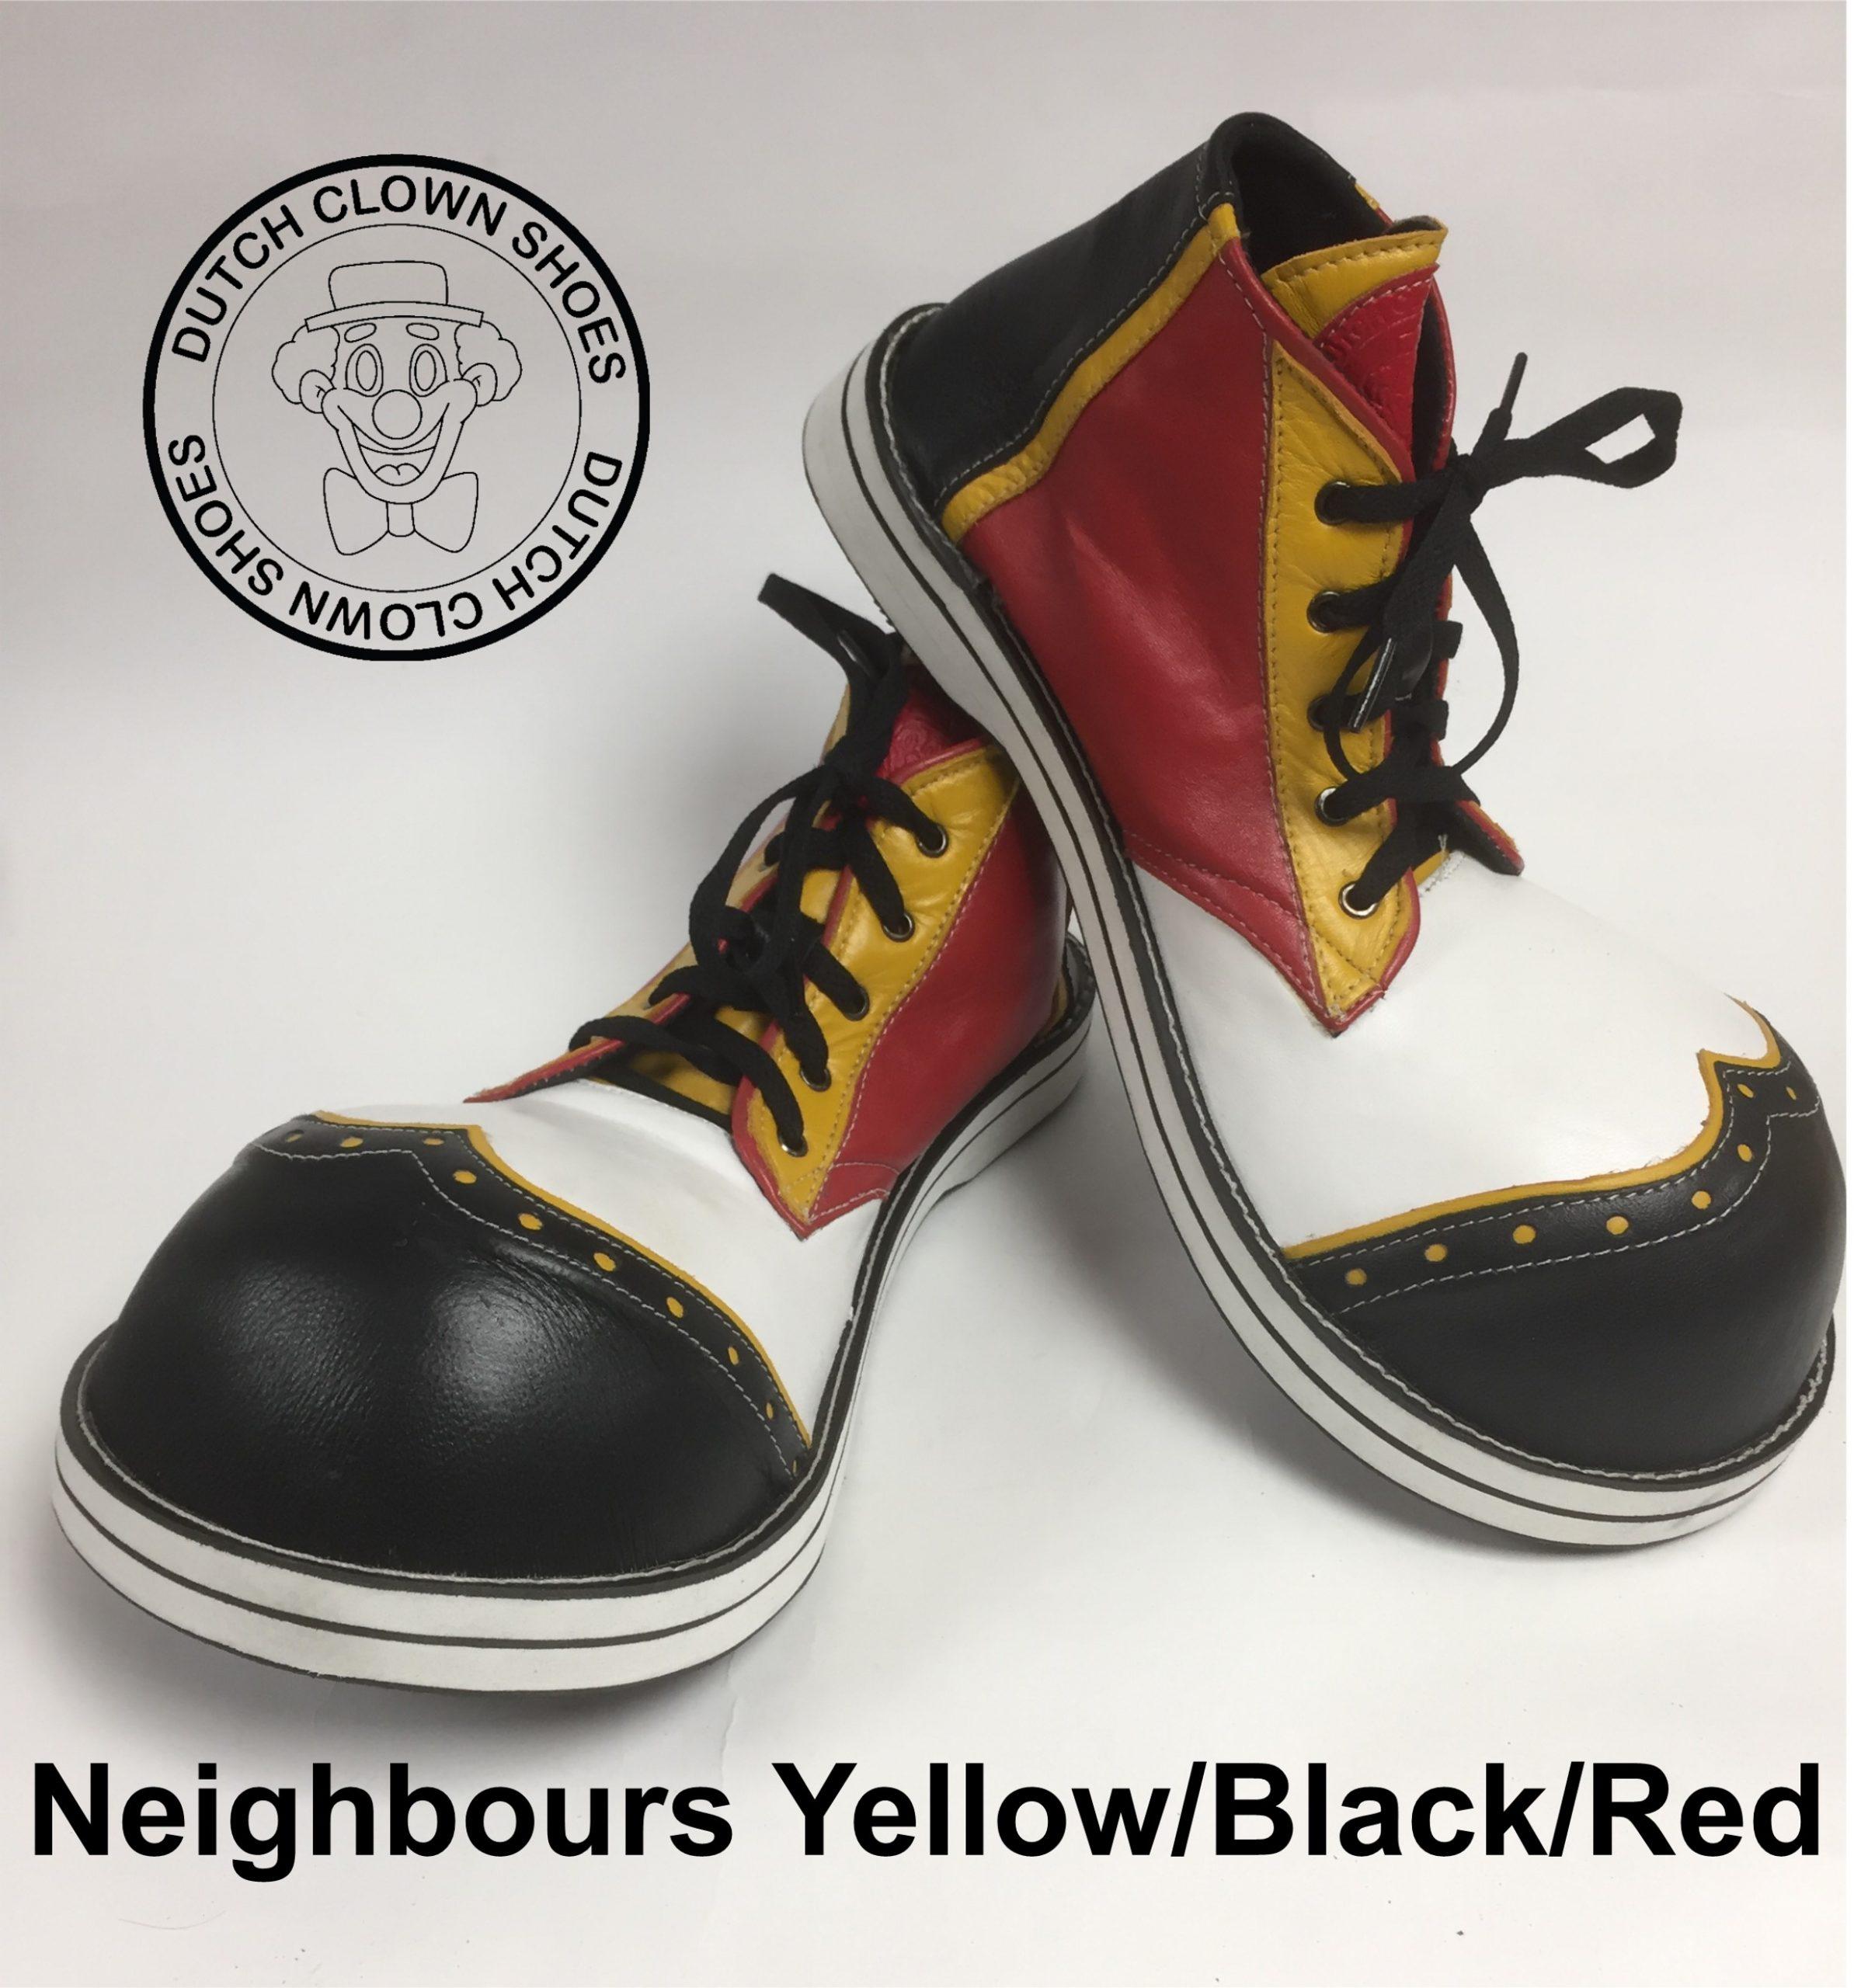 Clowns Schoenen Neighbours Black-Yellow-Red